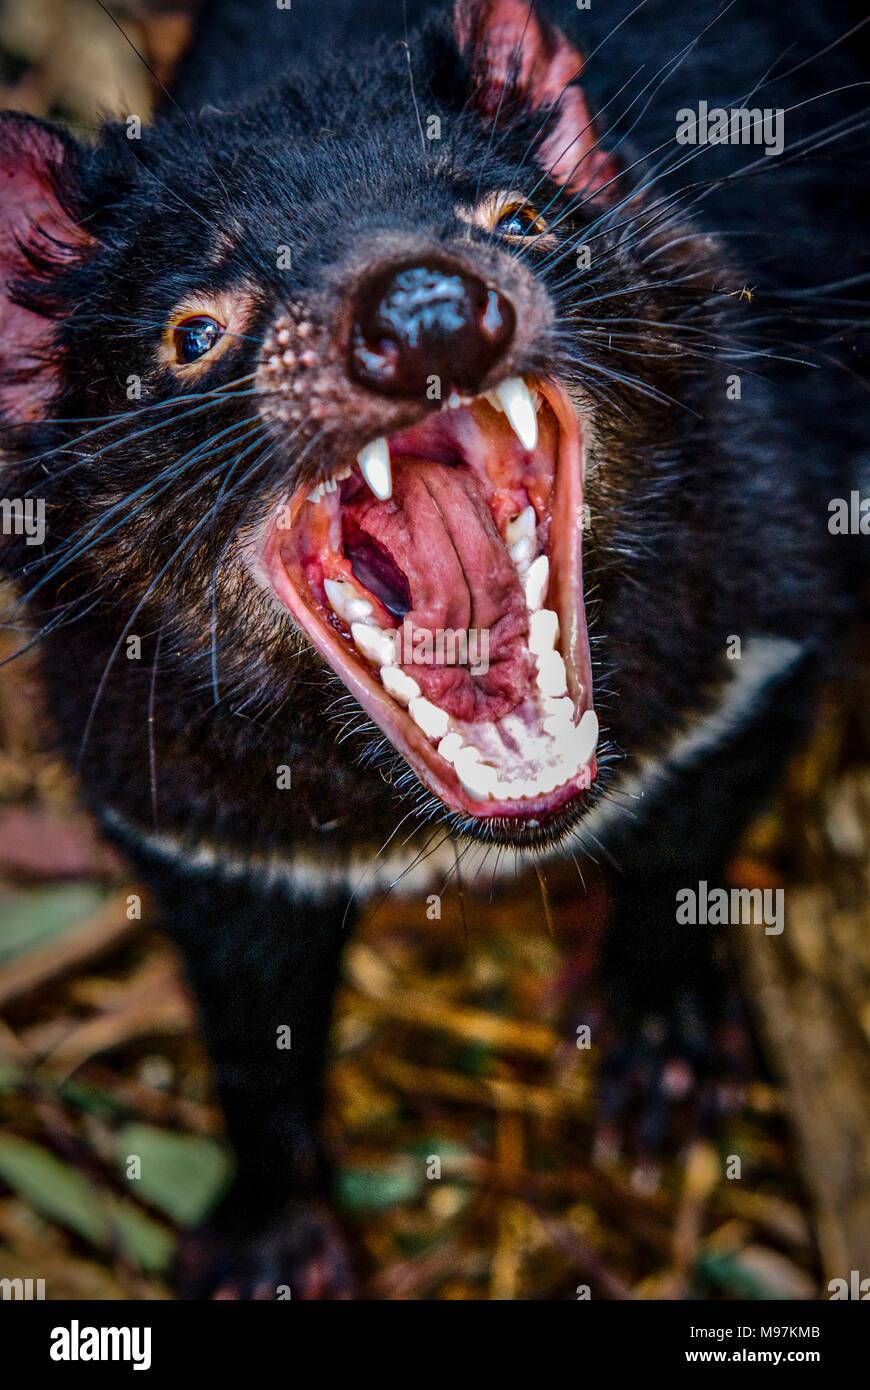 Australien, Tasmanien, Trowunna,  Trowunna wildlife park, Teufel, Tasmanischer Teufel - Stock Image